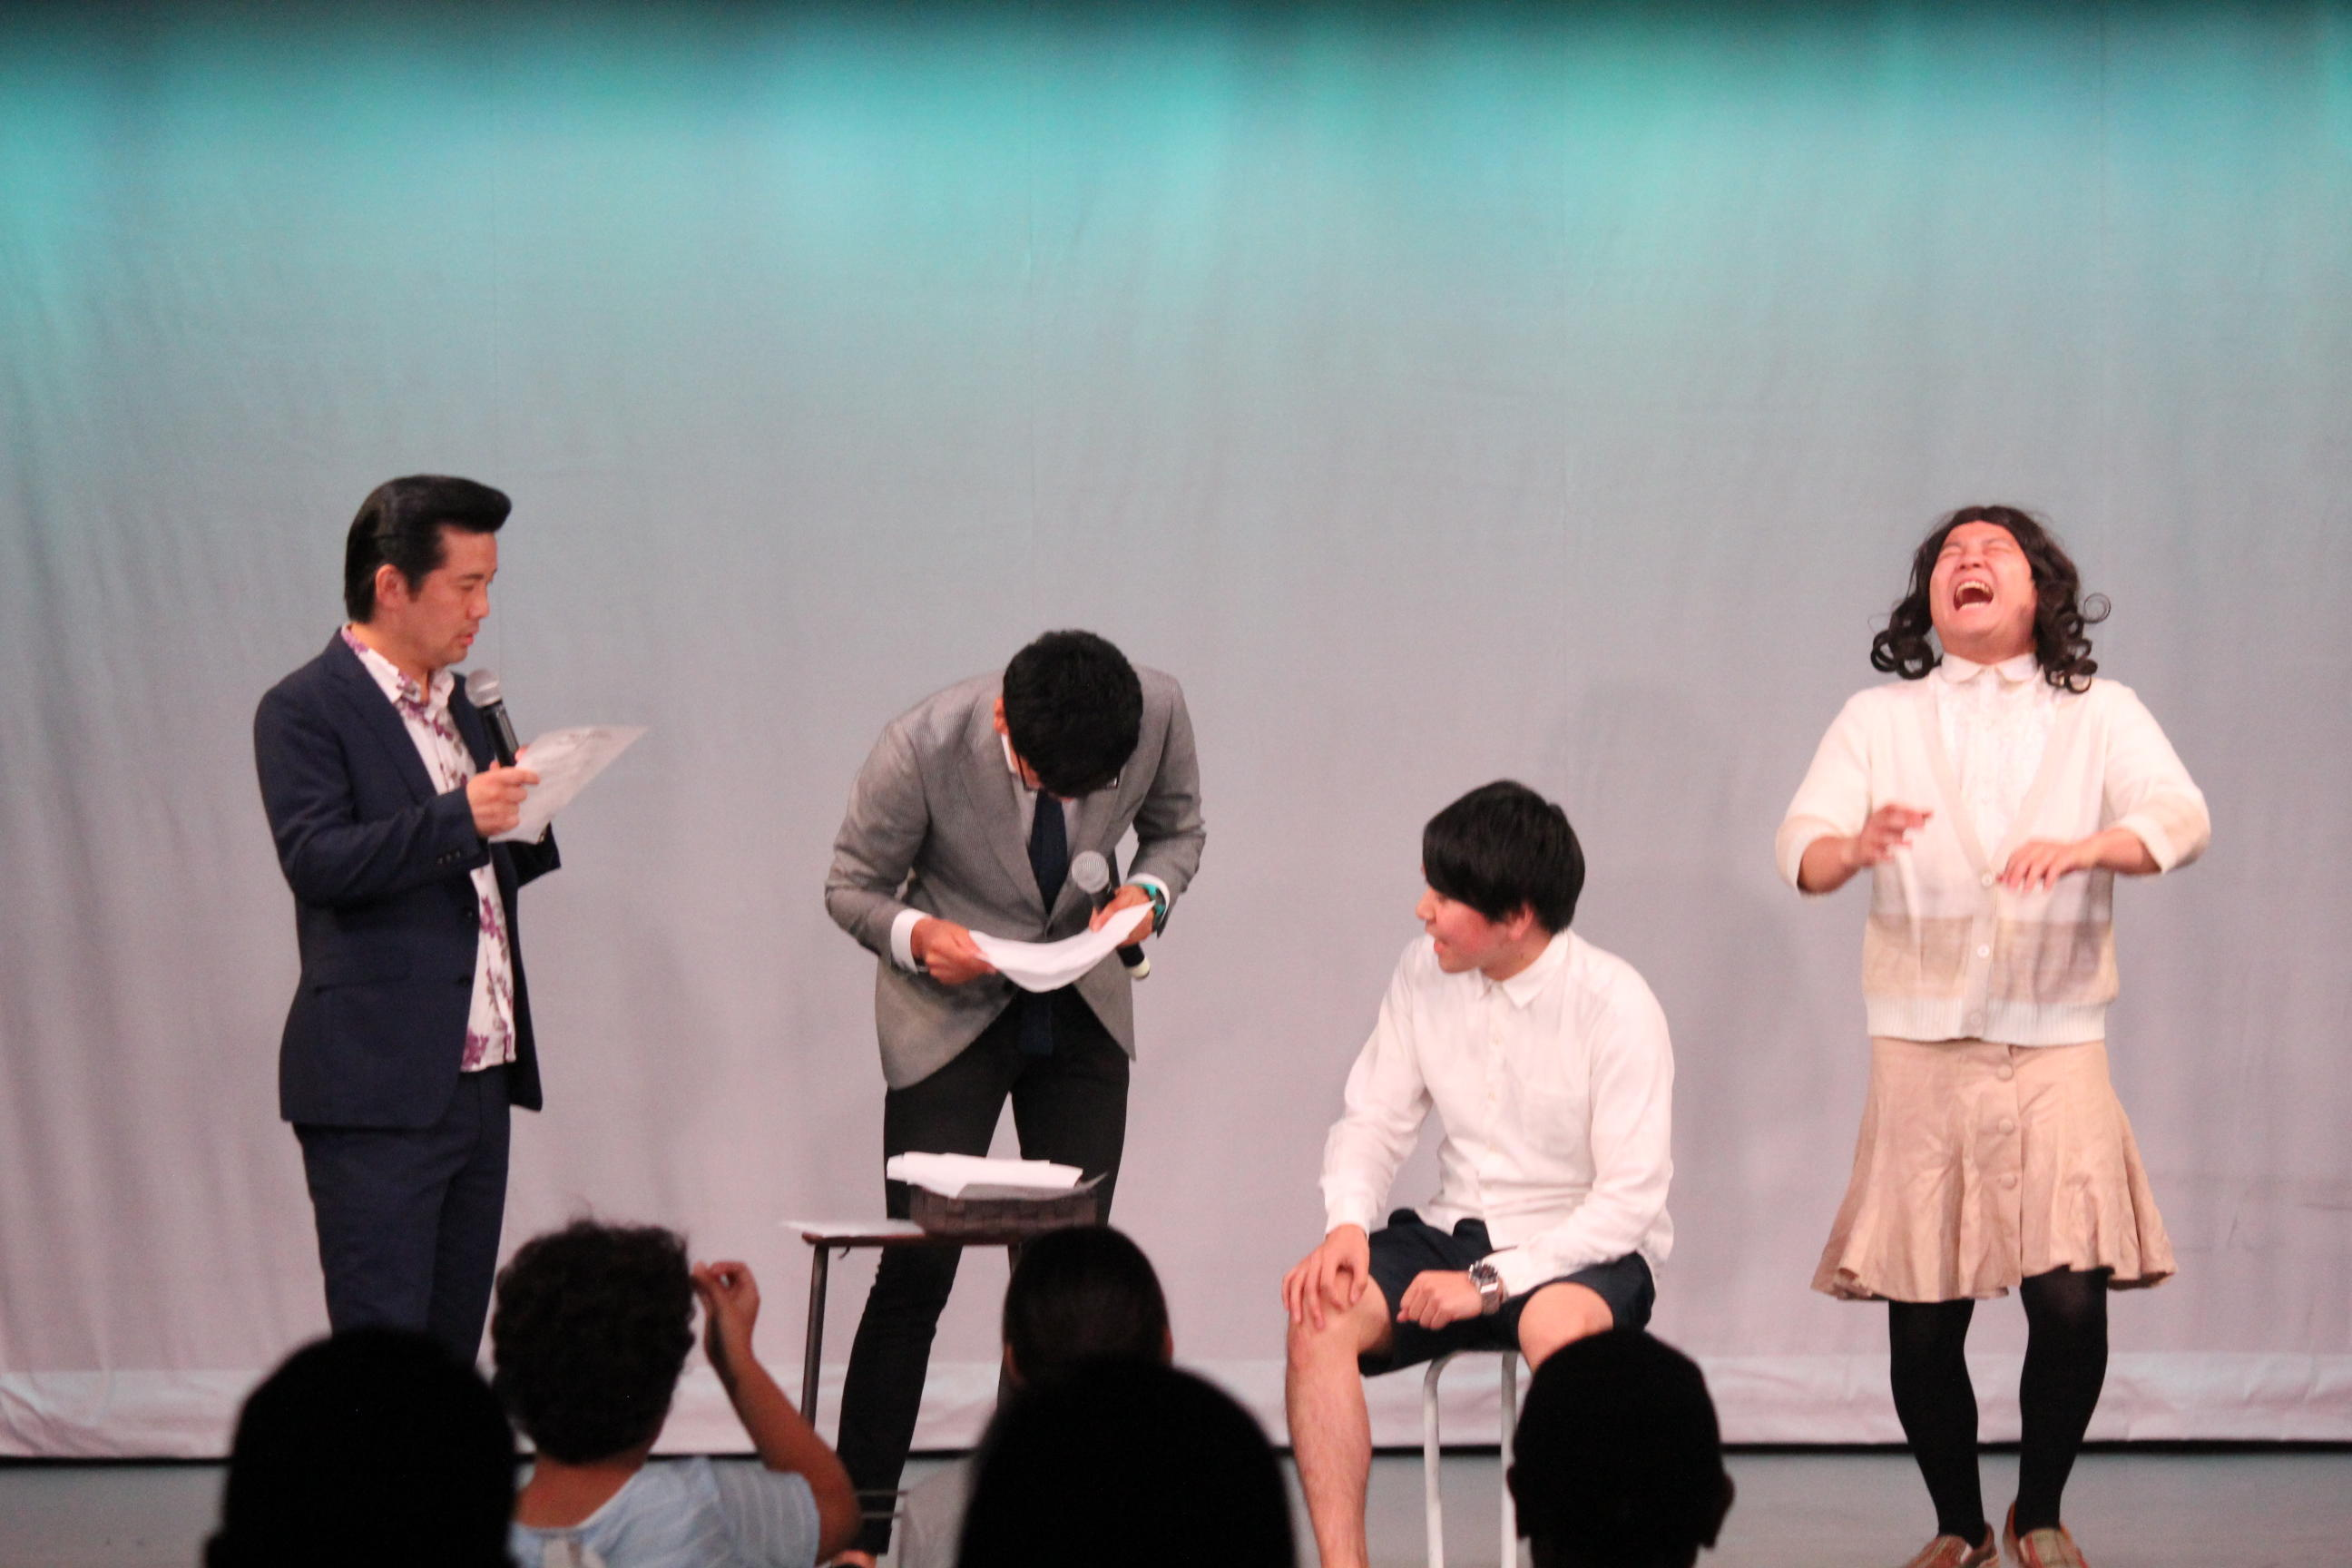 http://news.yoshimoto.co.jp/20160627171606-2b4e439db95706a9fc0fd0c085a74886da0af88c.jpg